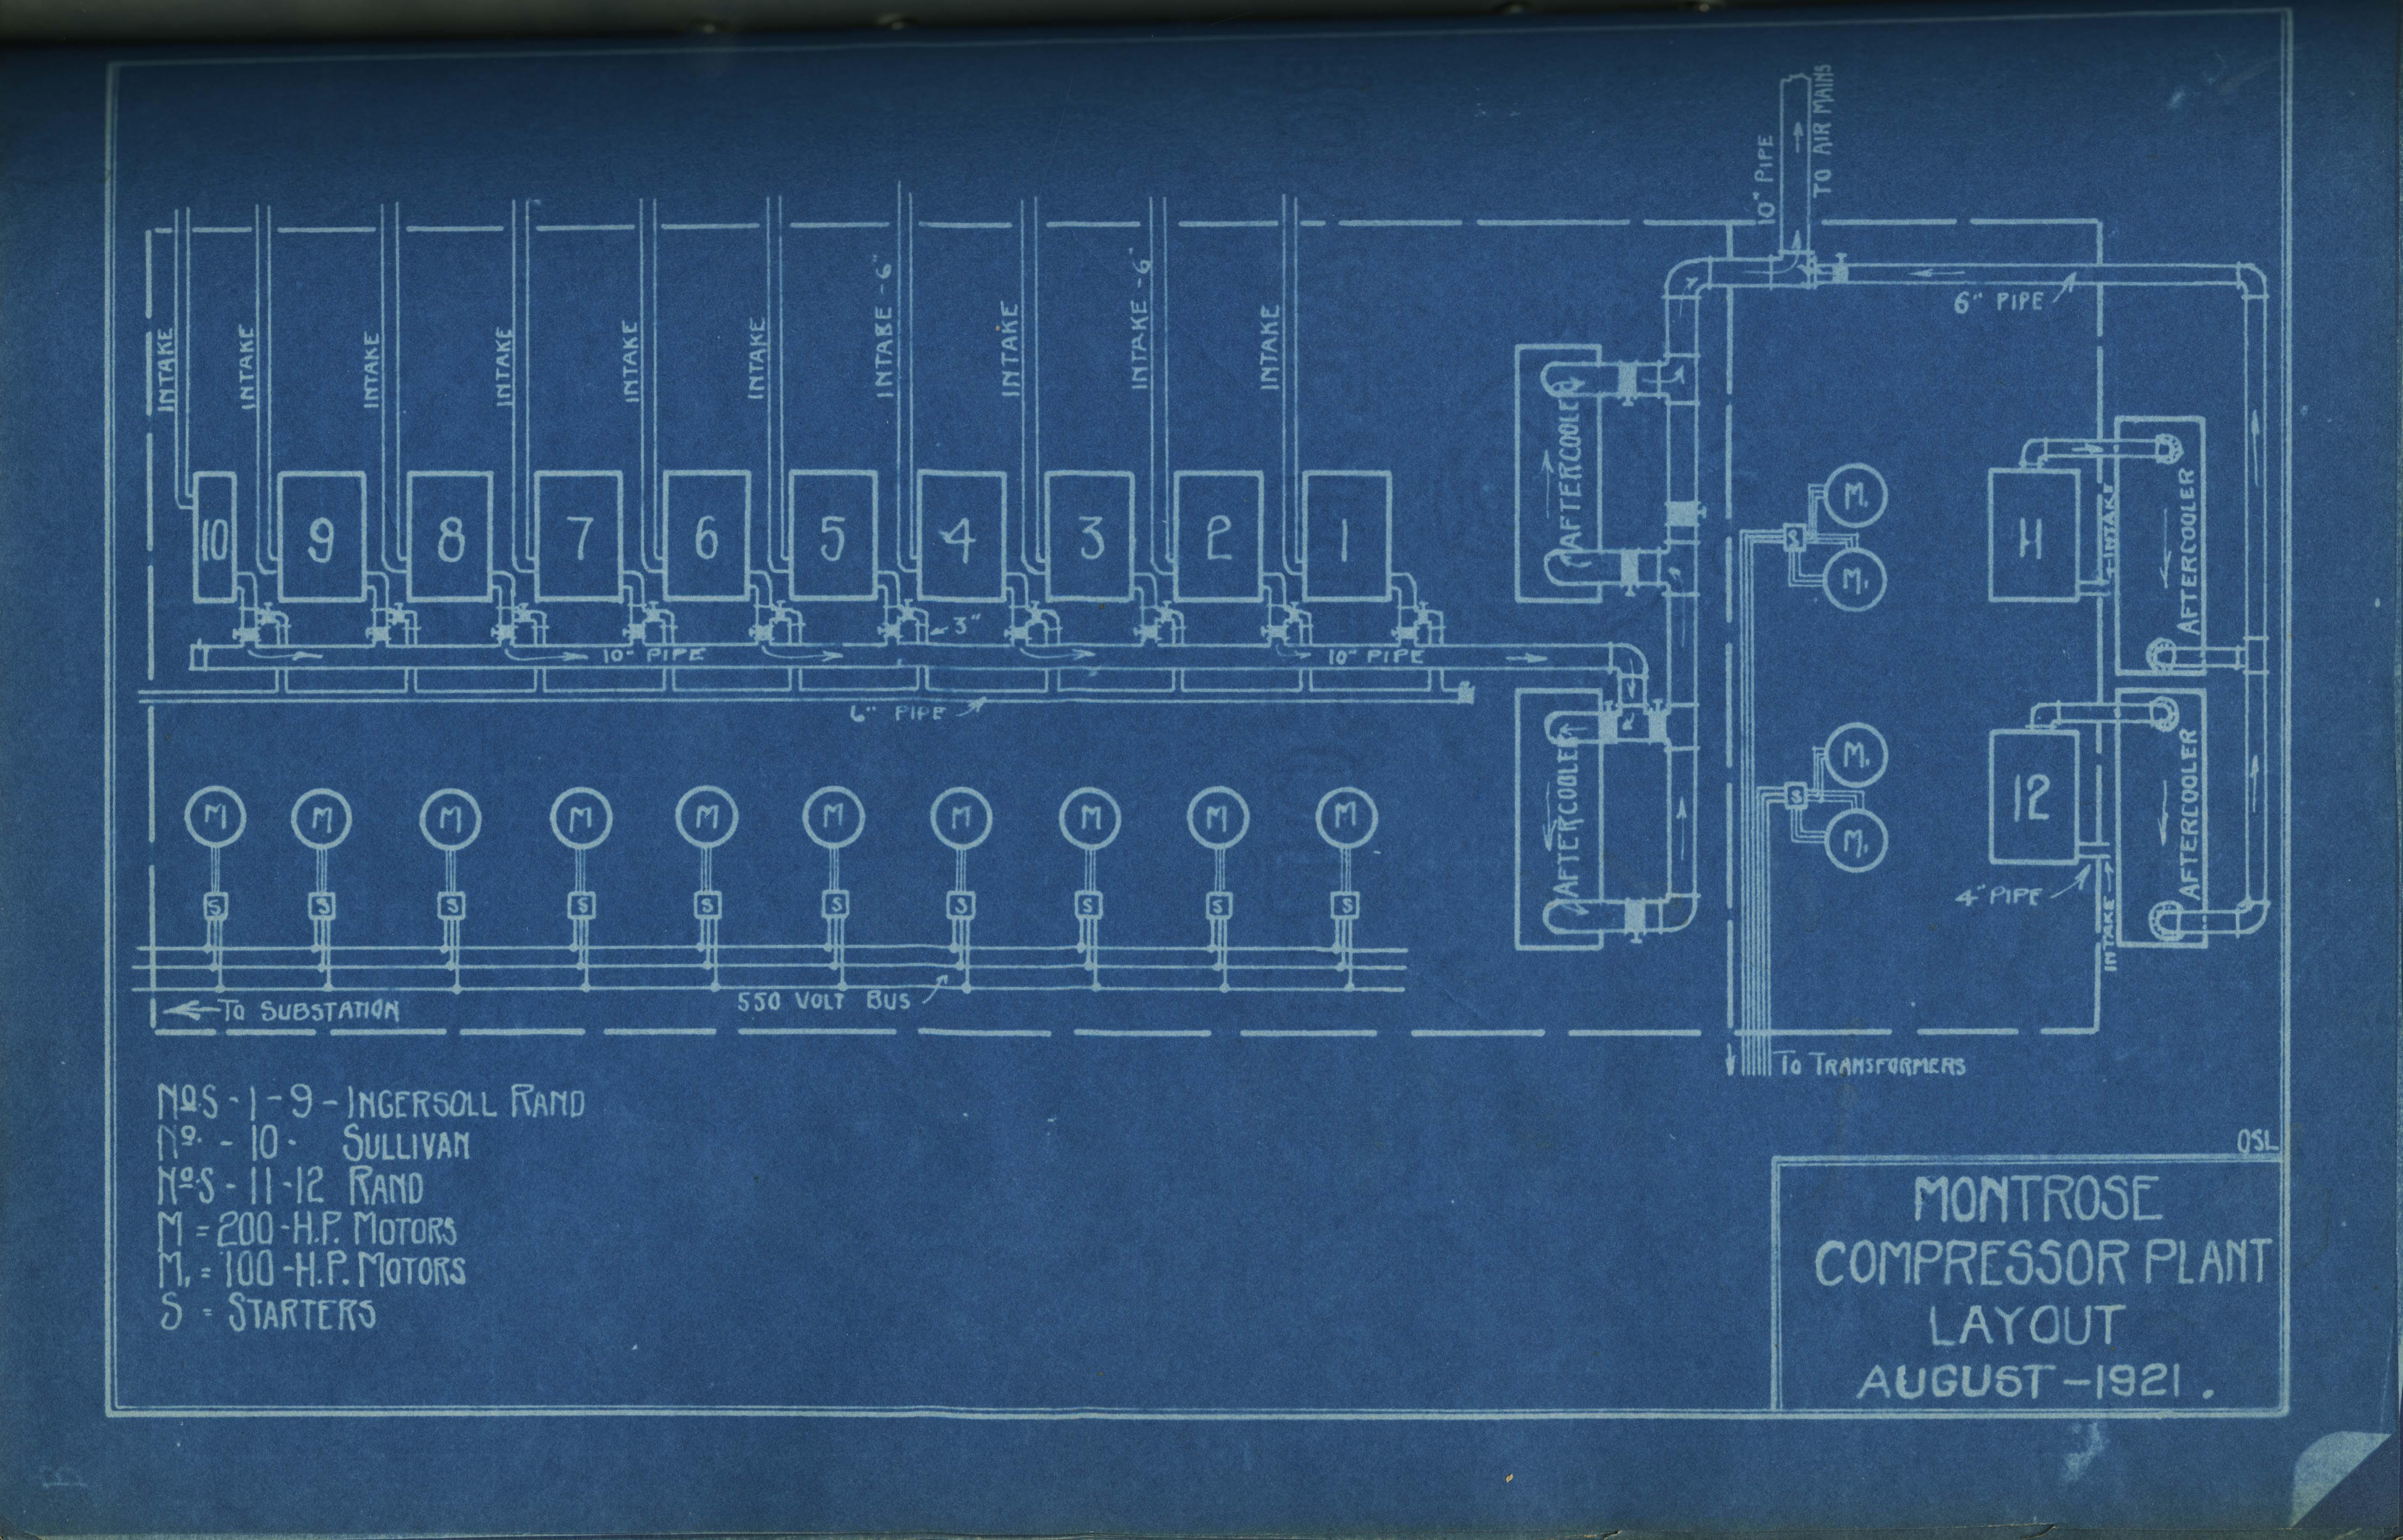 Photograph Montrose Compressor Plant Layout Blueprint